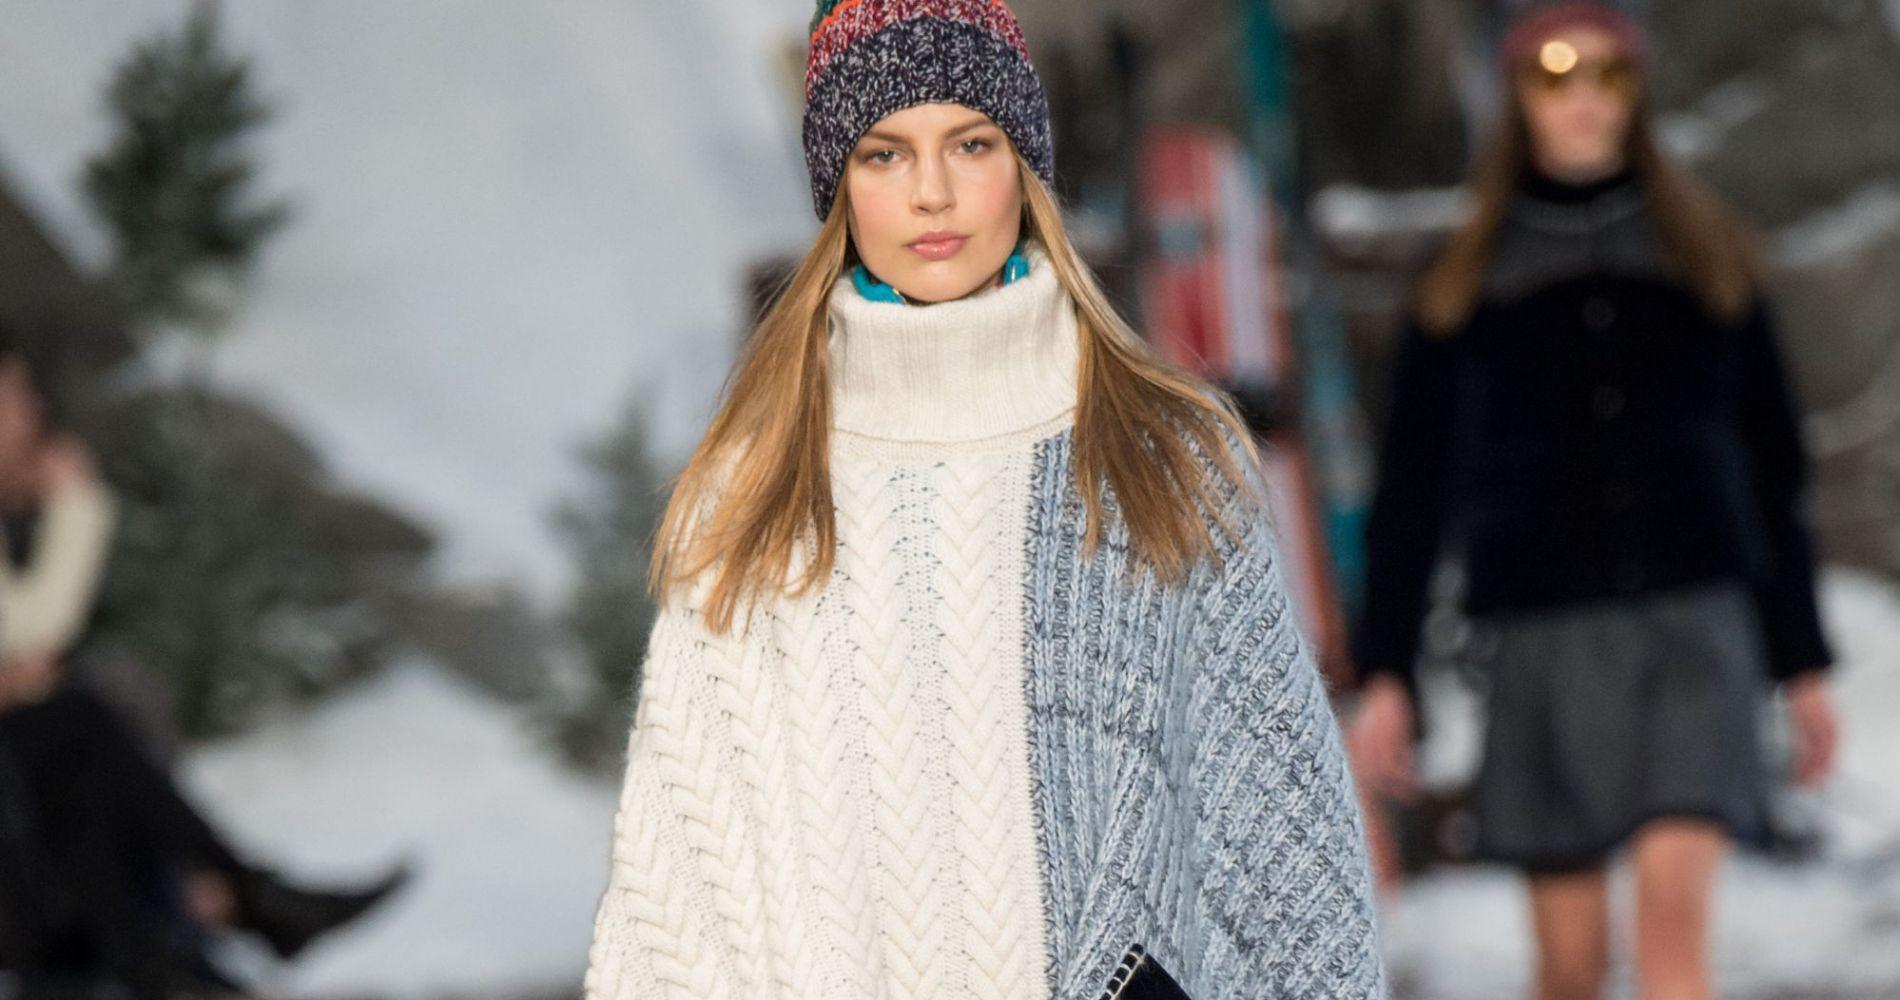 Comment porter la botte d'hiver avec style ?